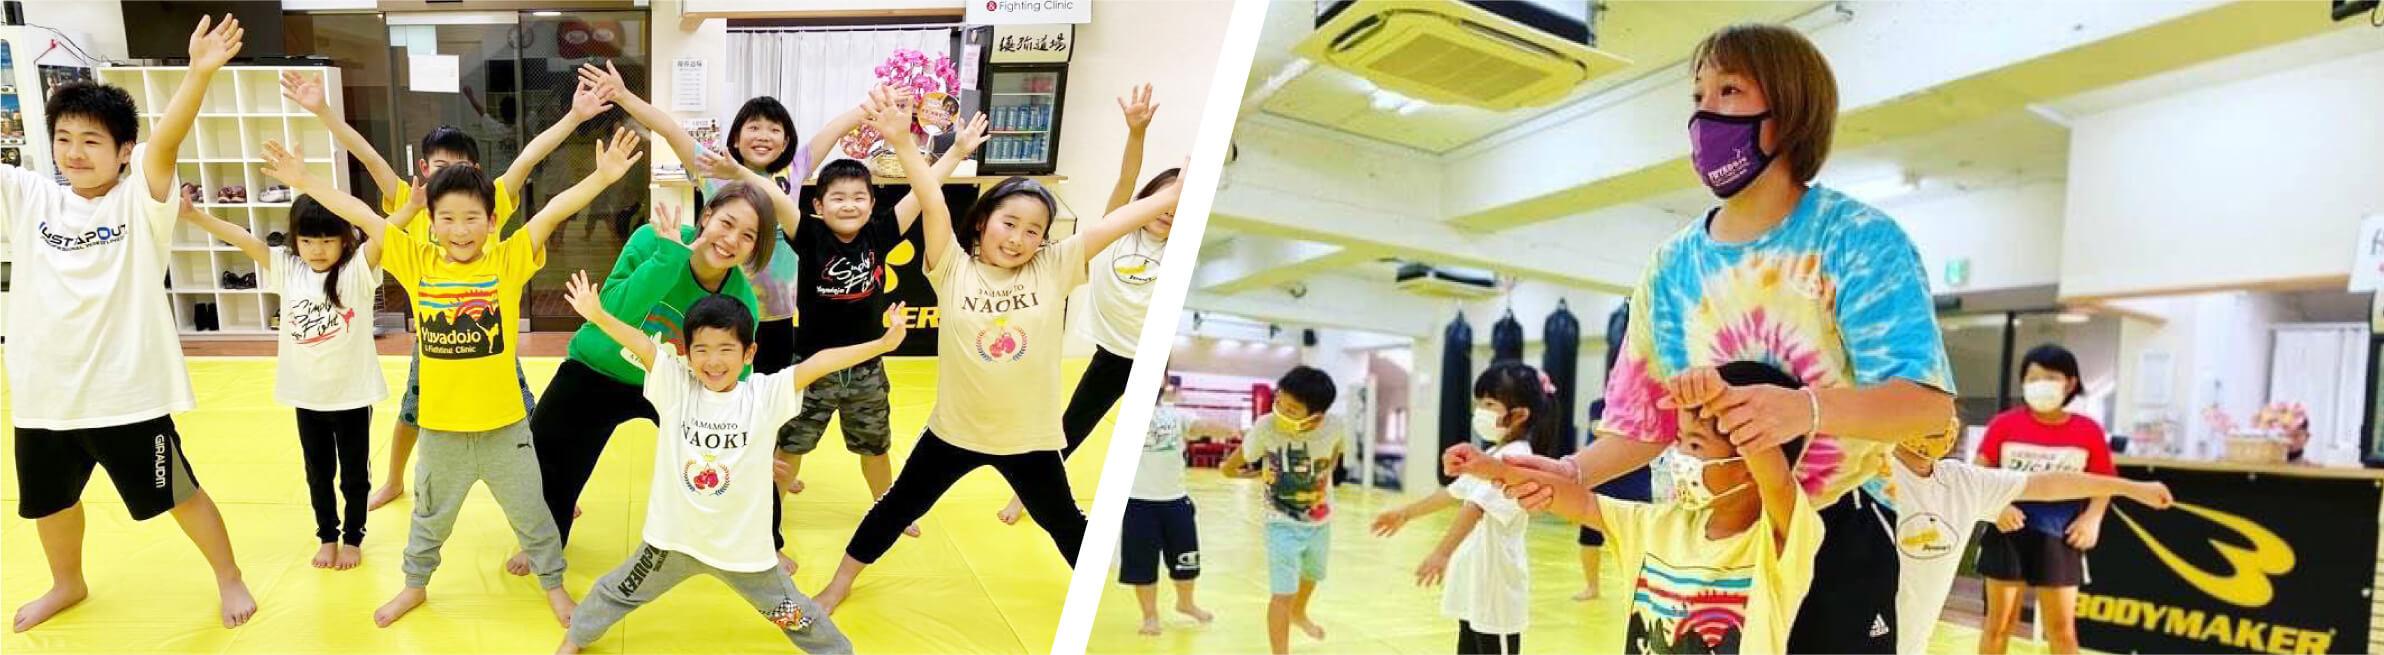 HIP-HOP DANCE KIDS CLASS HIPHOPダンスKIDSクラス